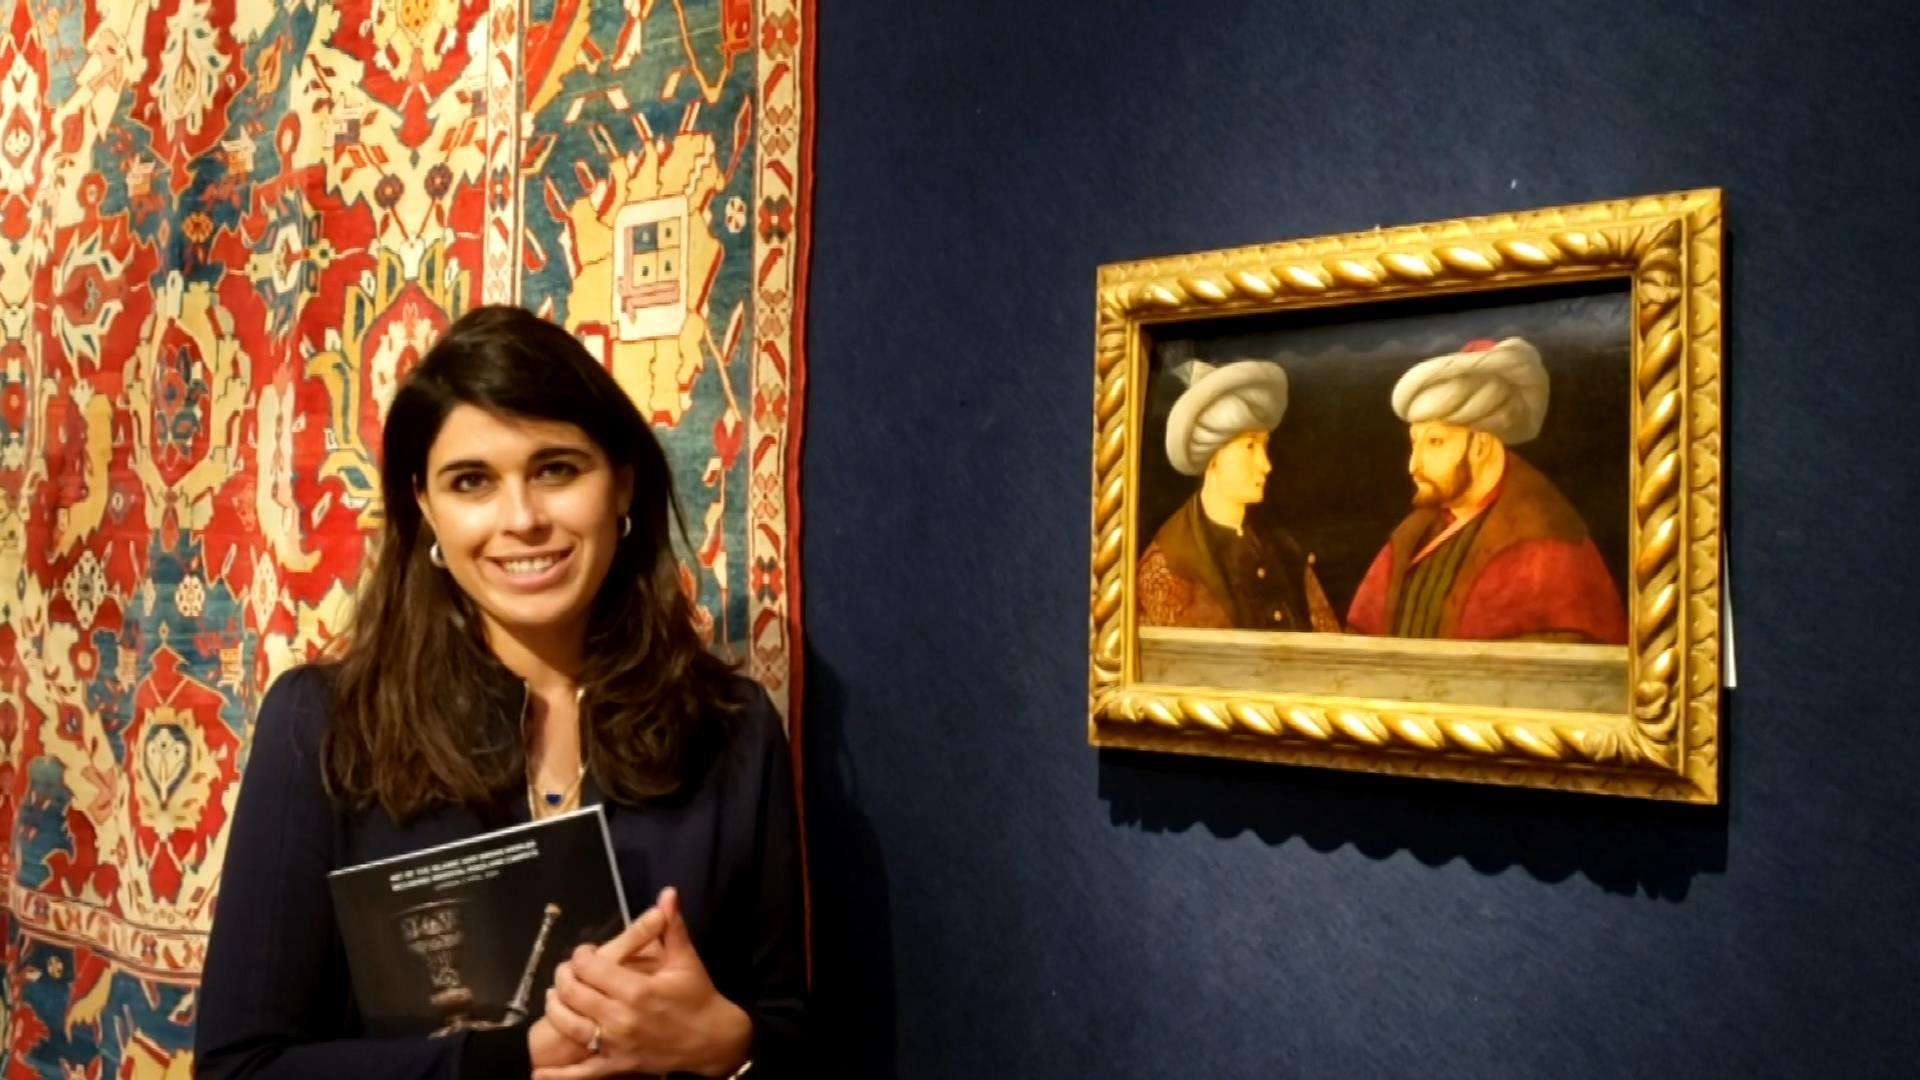 Sara Plumbly, bu tarihsiz fotoğrafta resmin yanında poz veriyor. (DHA FOTOĞRAF)